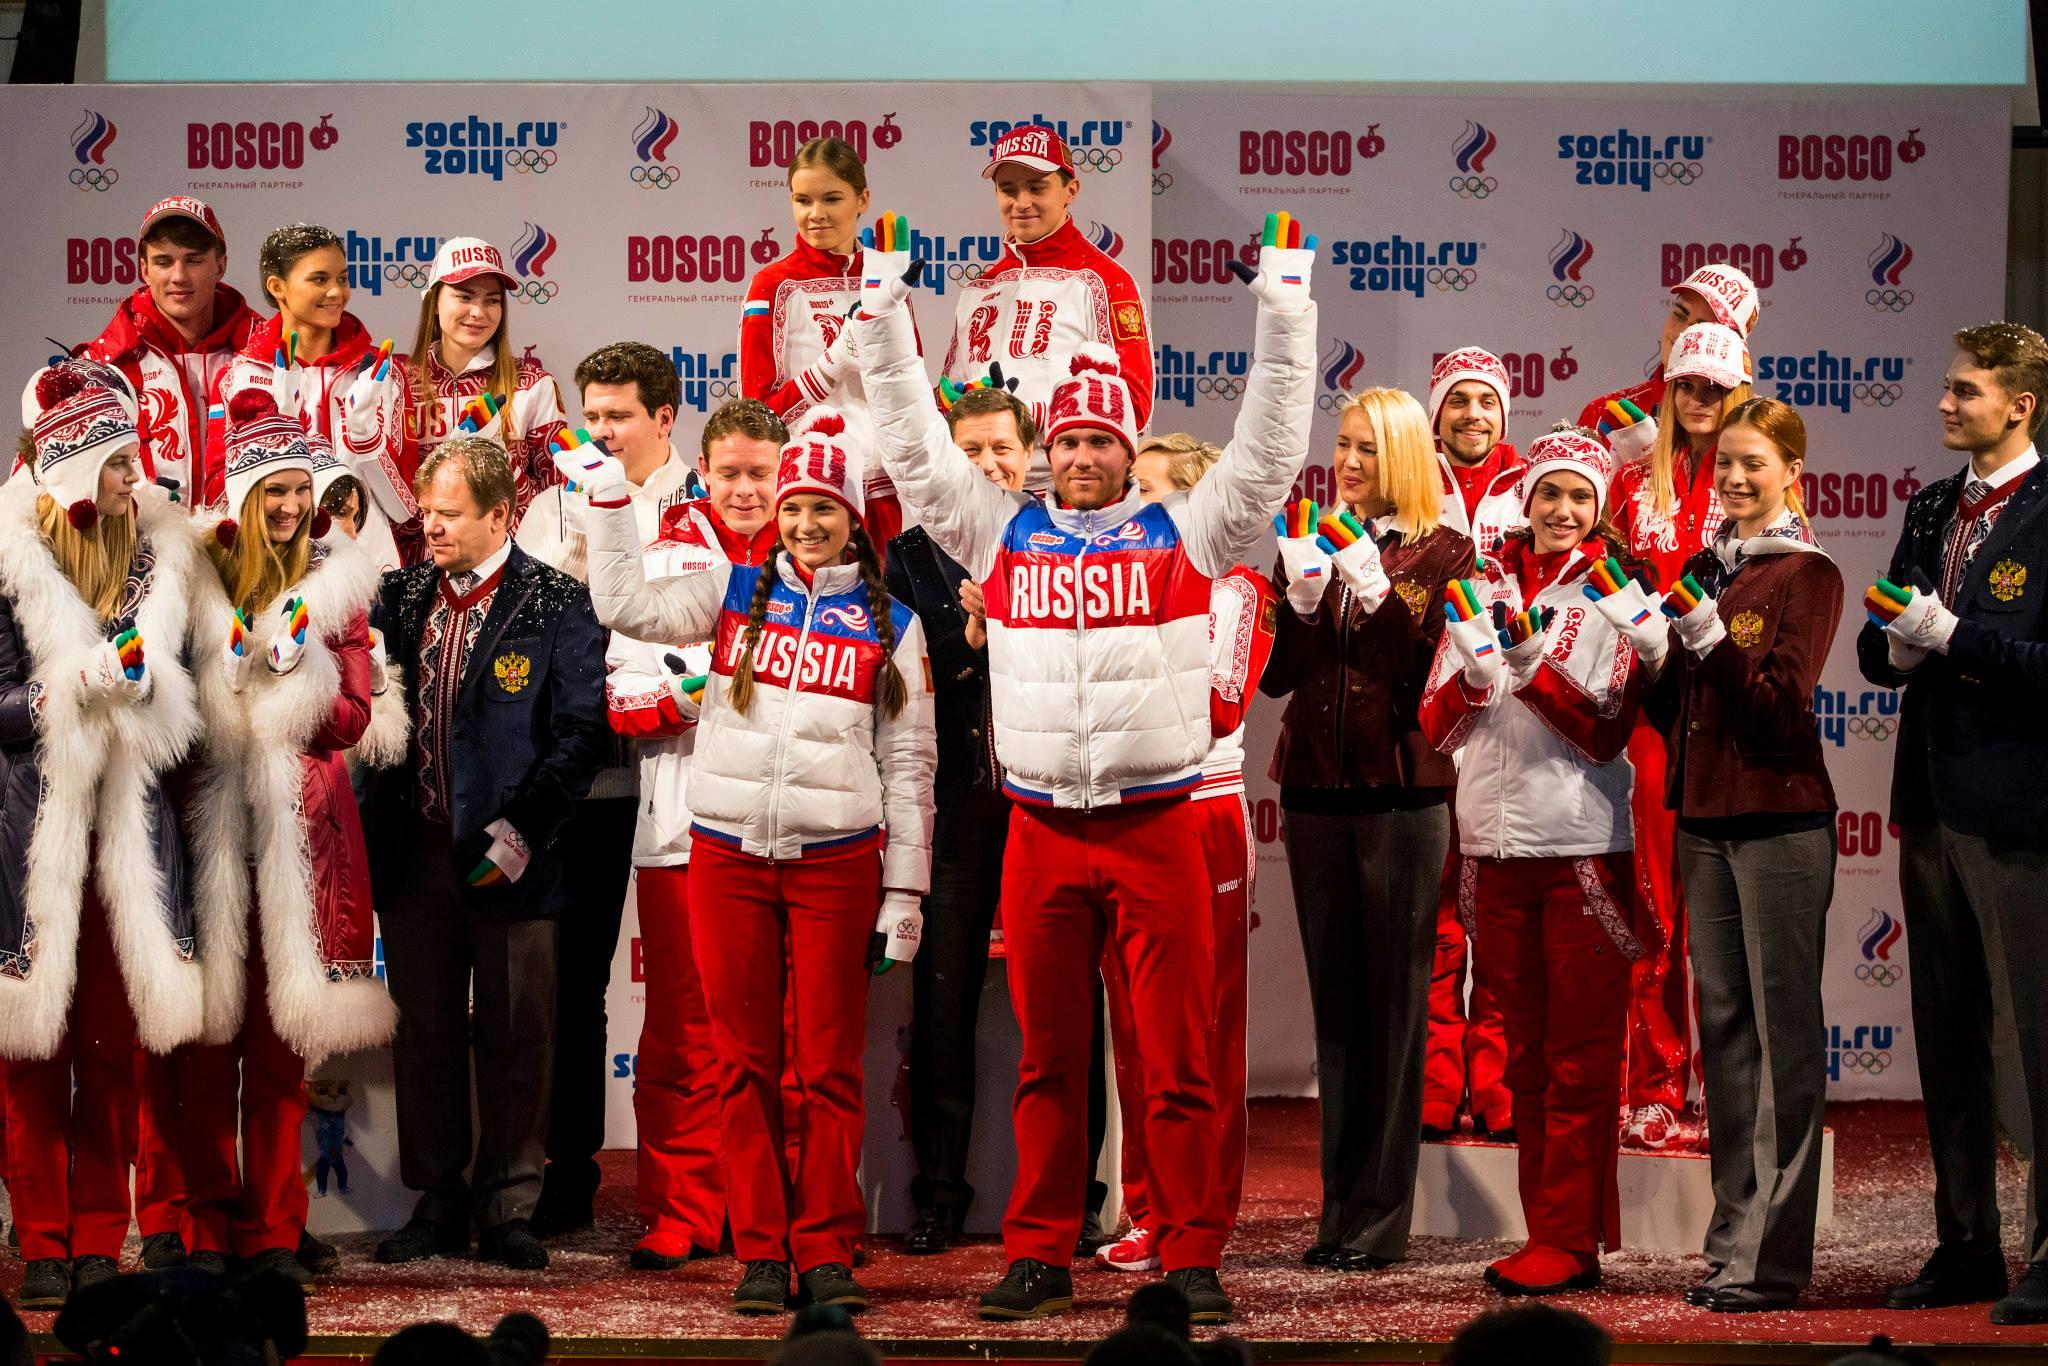 саморегулируемых сборная россии экипировка сочи века каббалистика